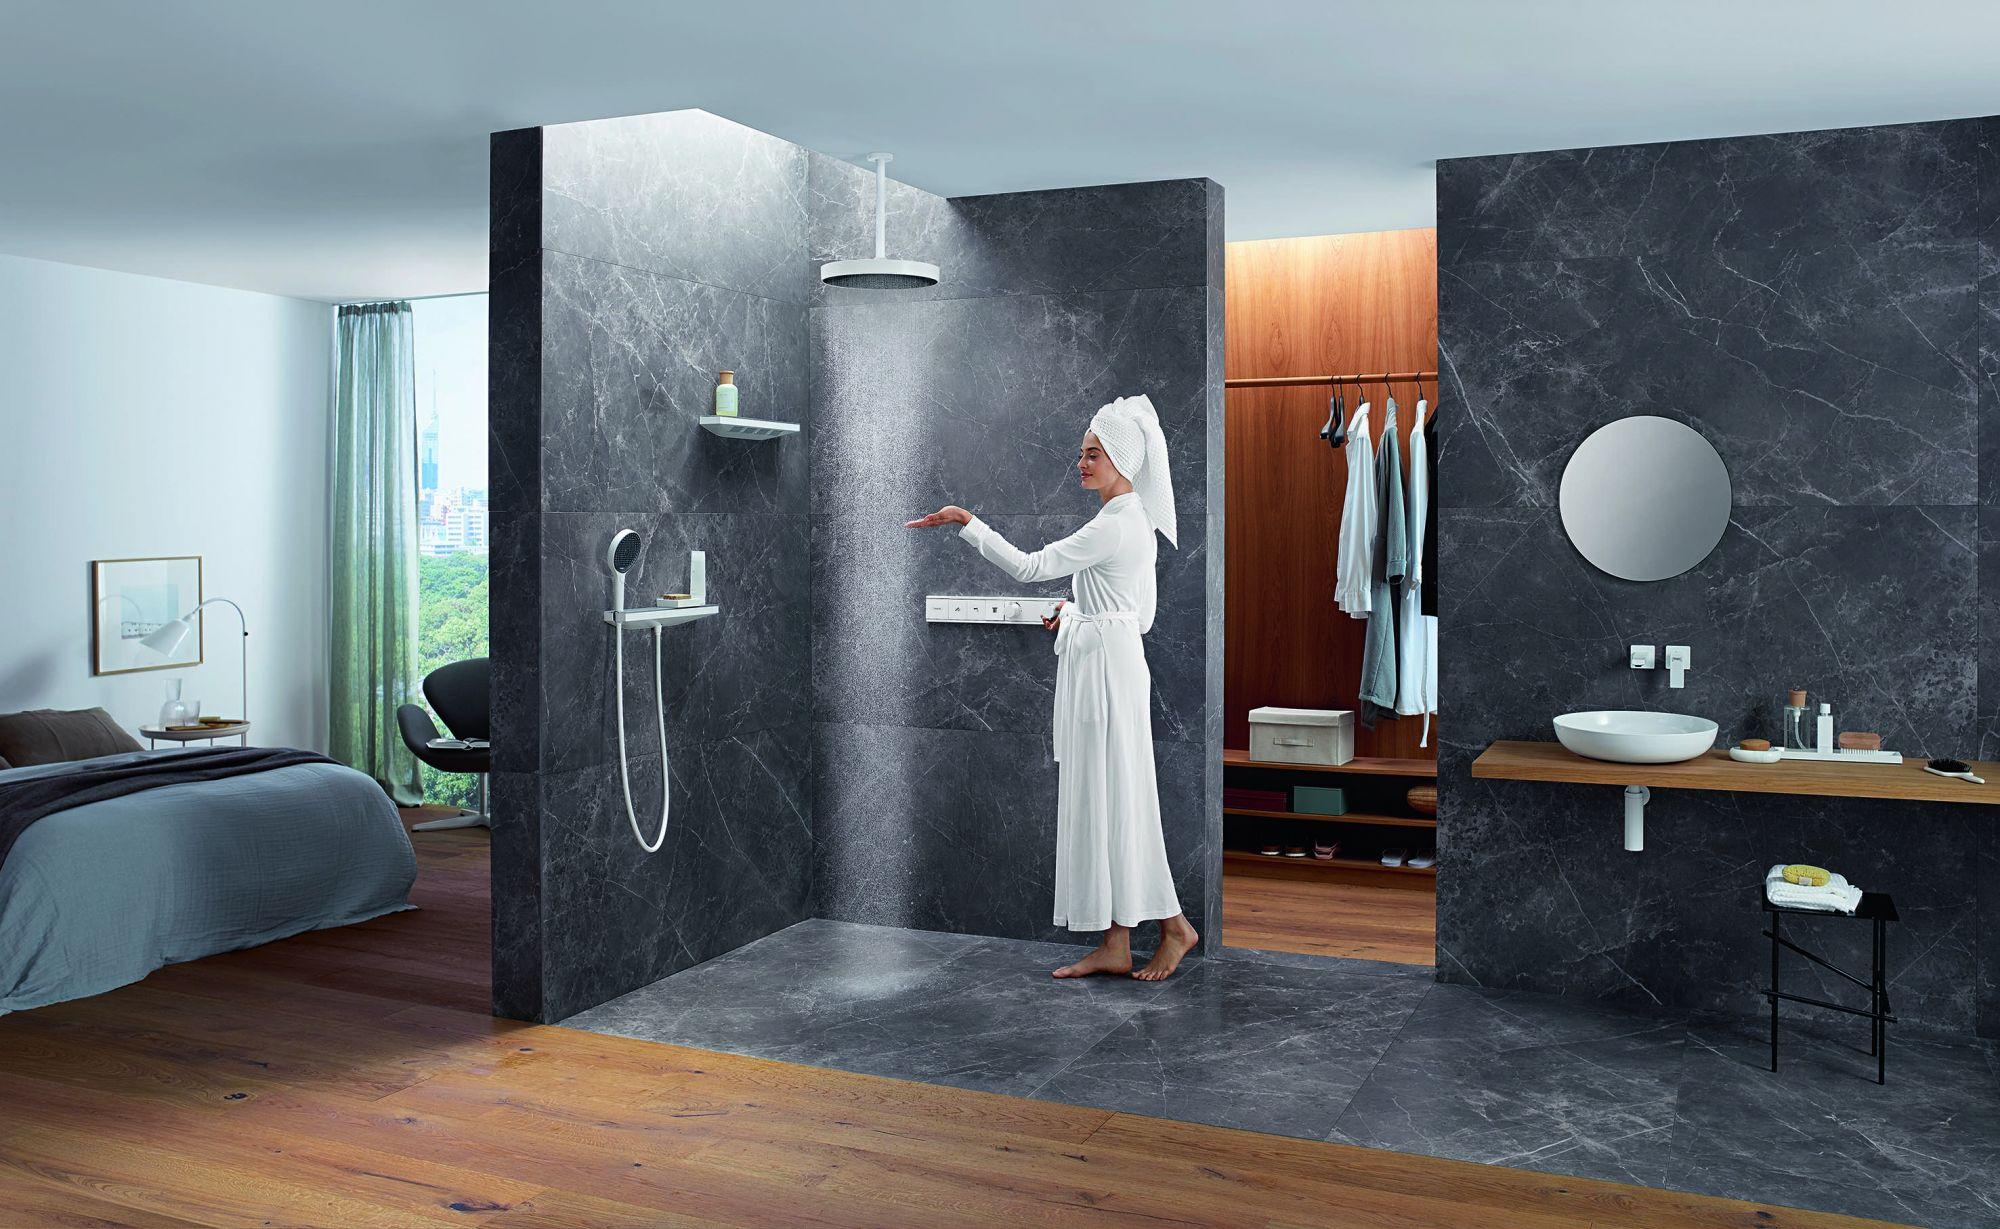 全新 hansgrohe Rainfinity 淋浴系列優雅啞光白表面能賦予浴室新風貌。Image:AXOR